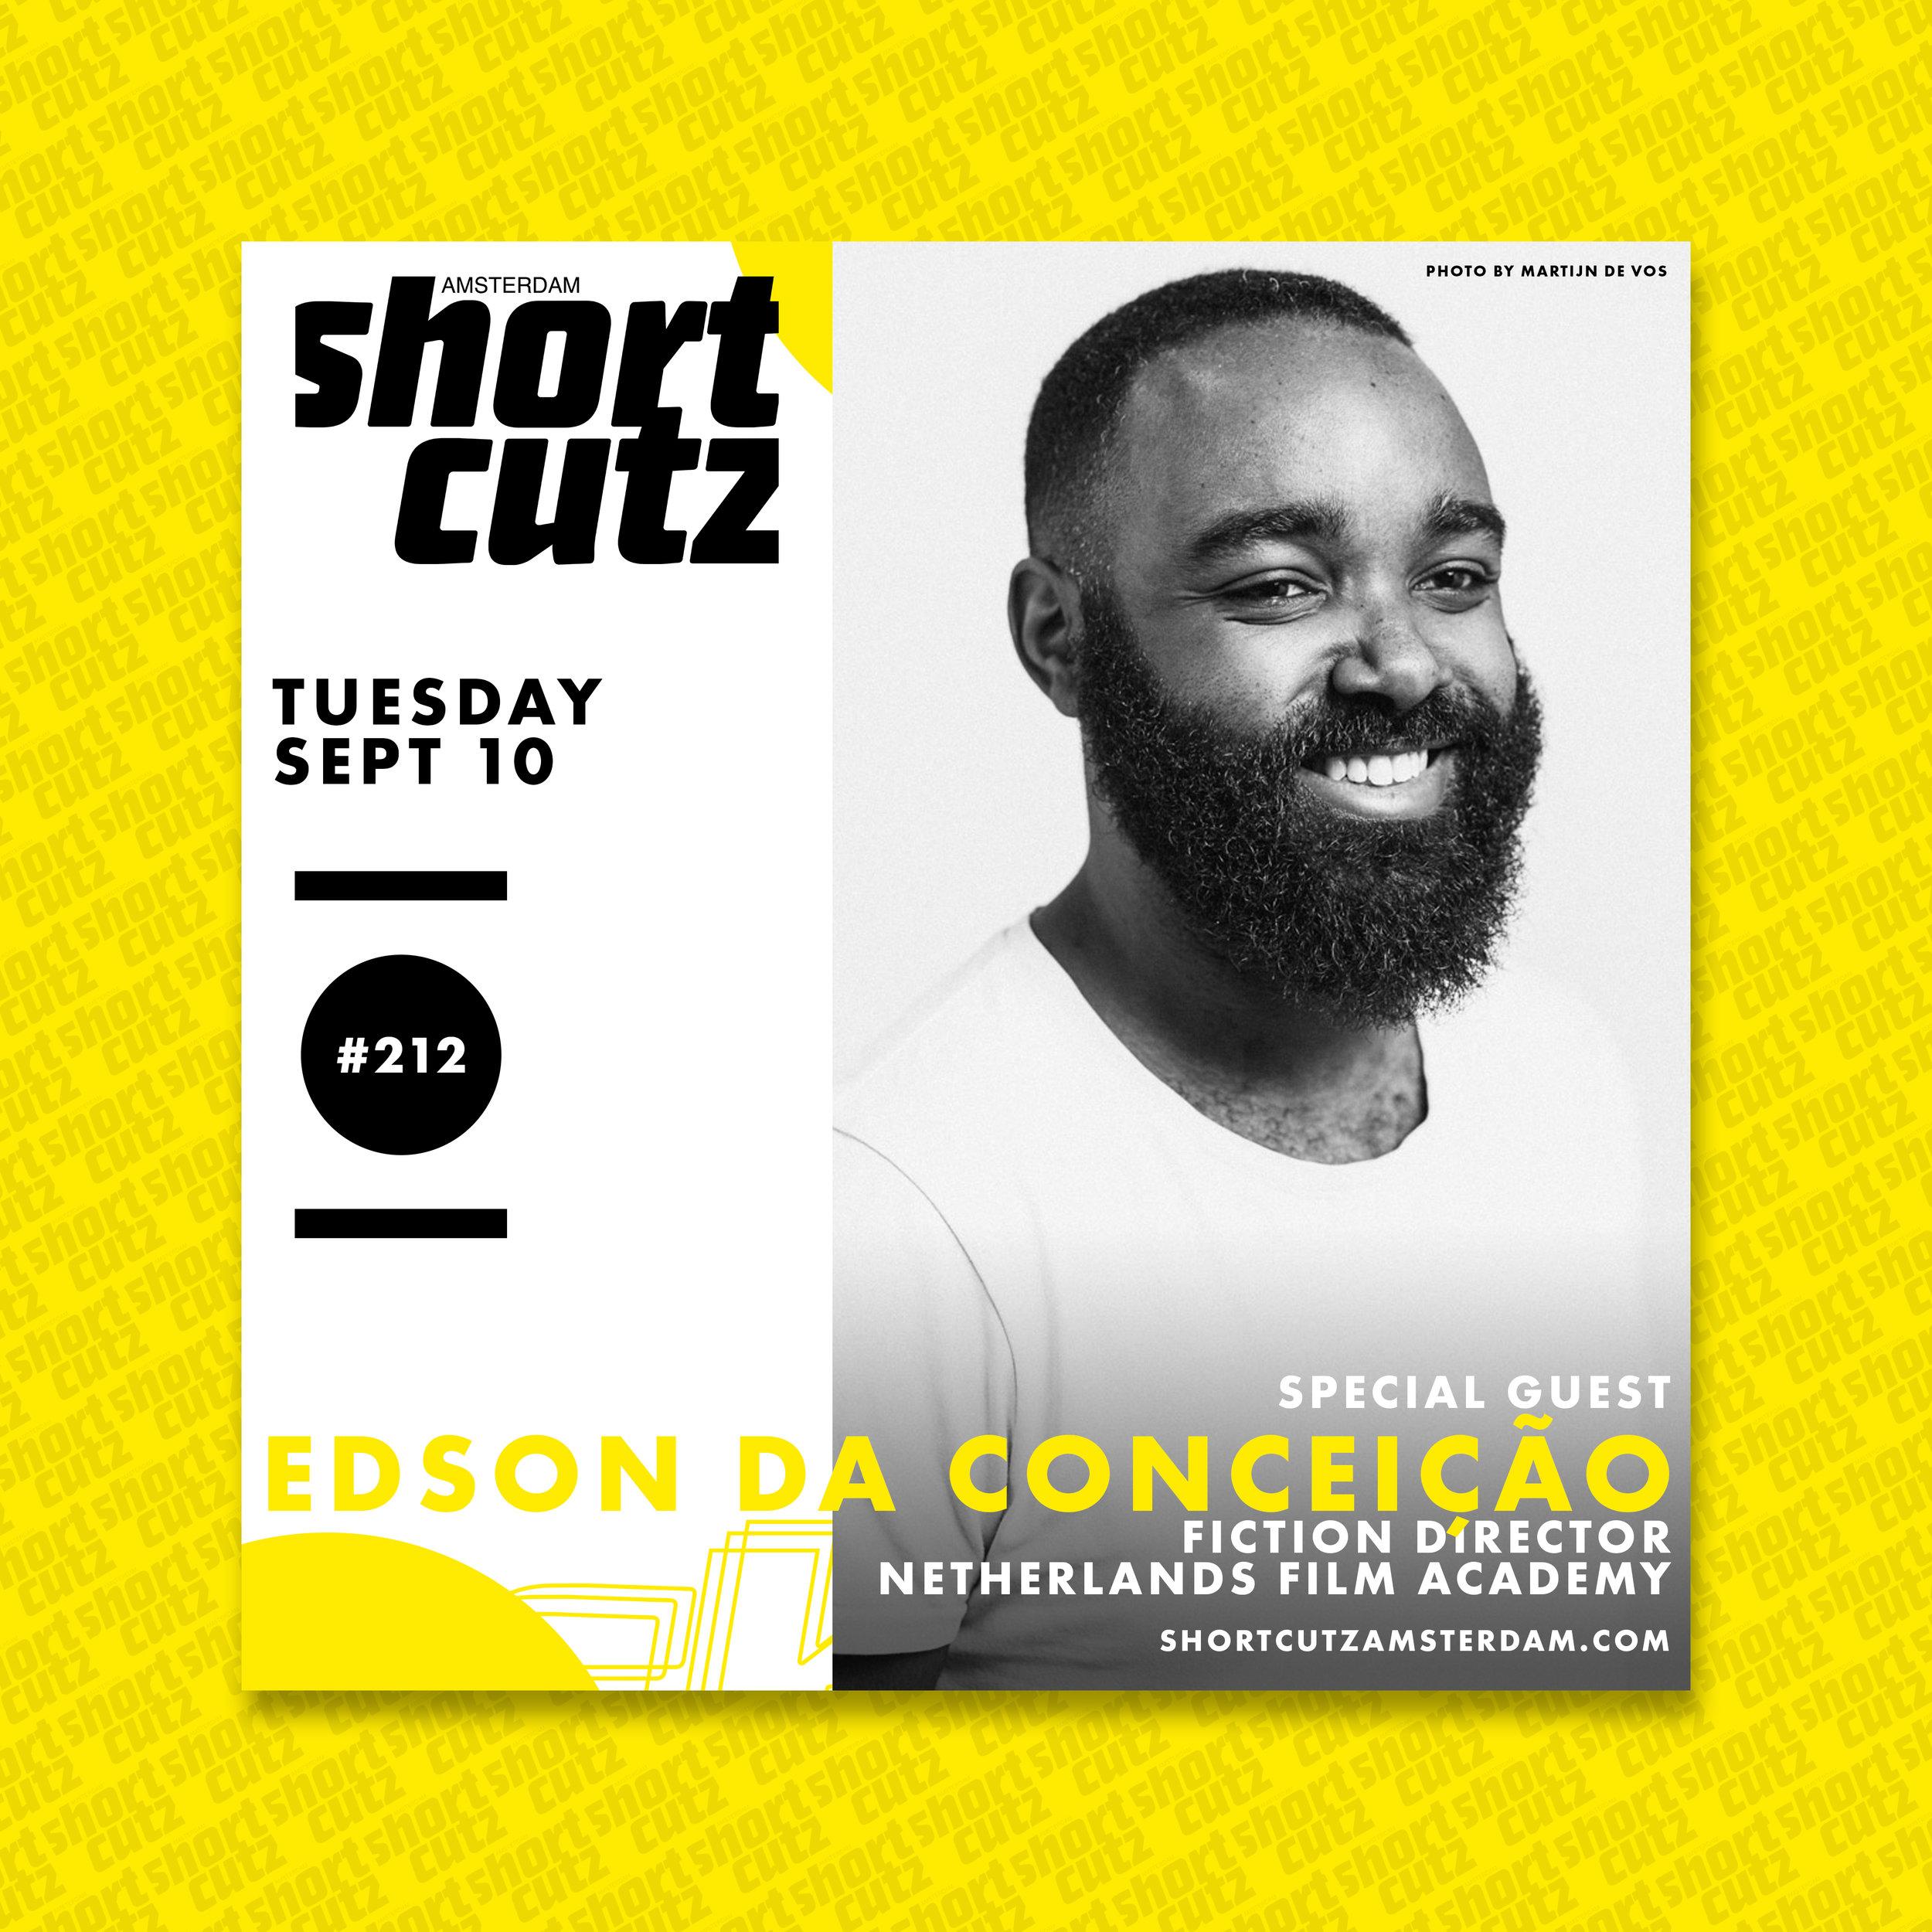 #212 Poster Edson da Conceicao.jpg